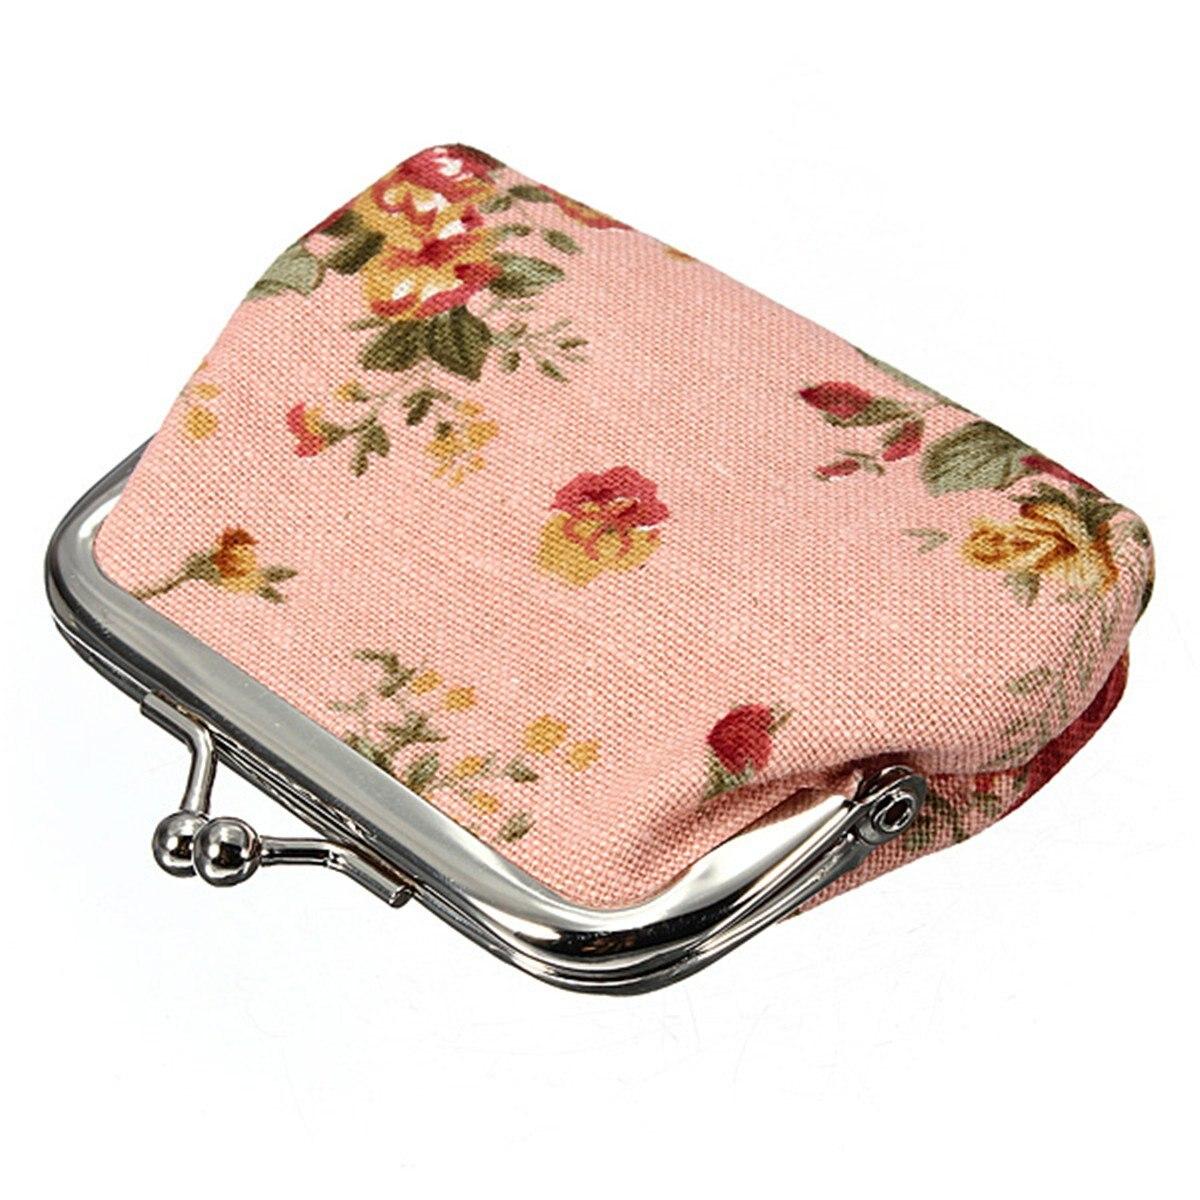 Модные изысканные Для женщин розами Ткань клип мини небольшой карман монету кошелек сумка клатч